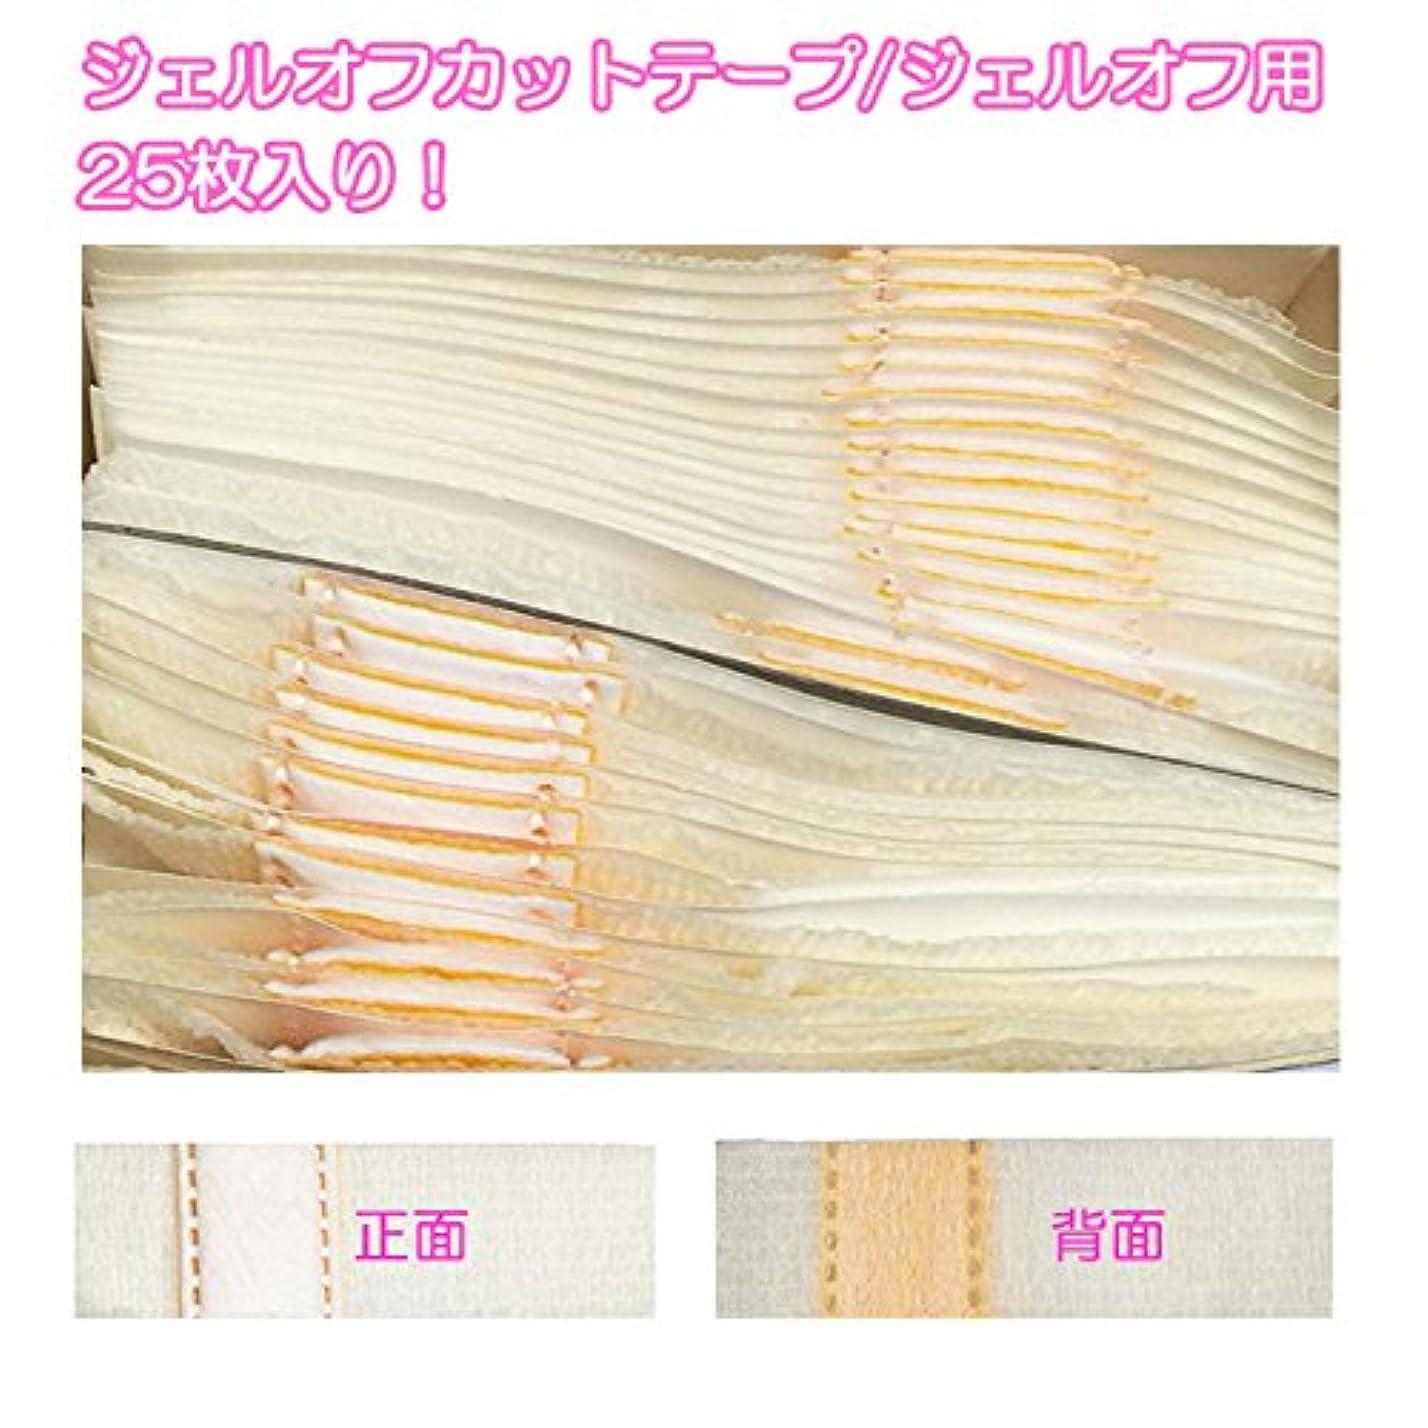 なかなか労働不要ジェルオフカットテープ/ジェルオフ用【25枚入り】 (ホワイト)